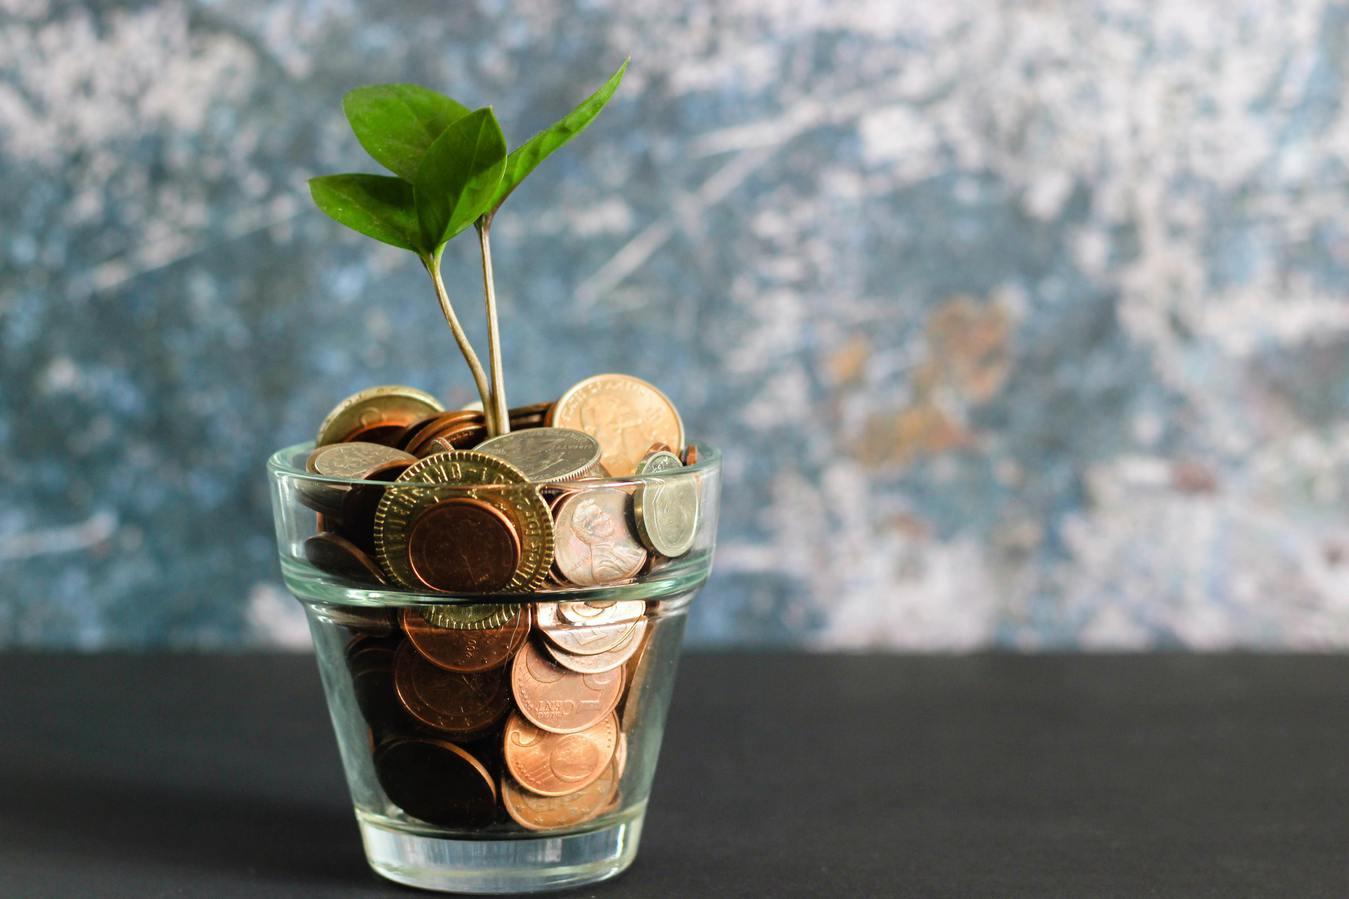 Planta que crece de una maceta de dinero